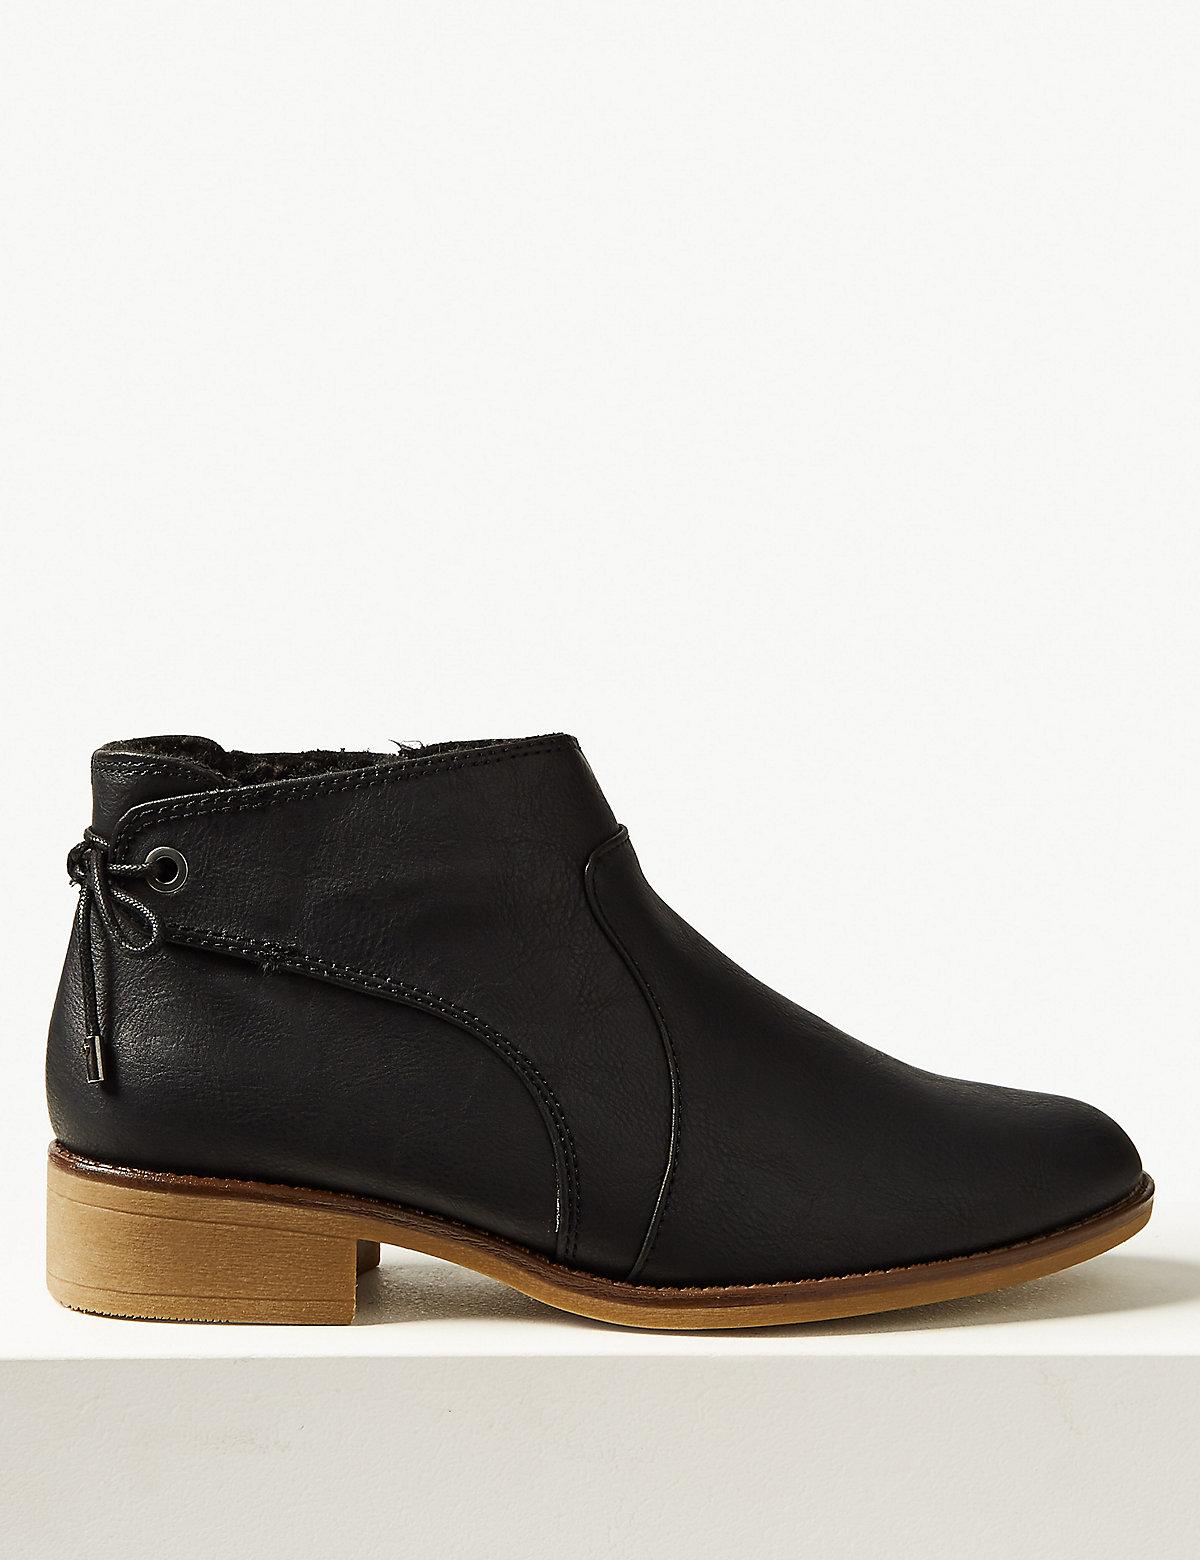 Ботинки на блочном каблуке с молнией, черные